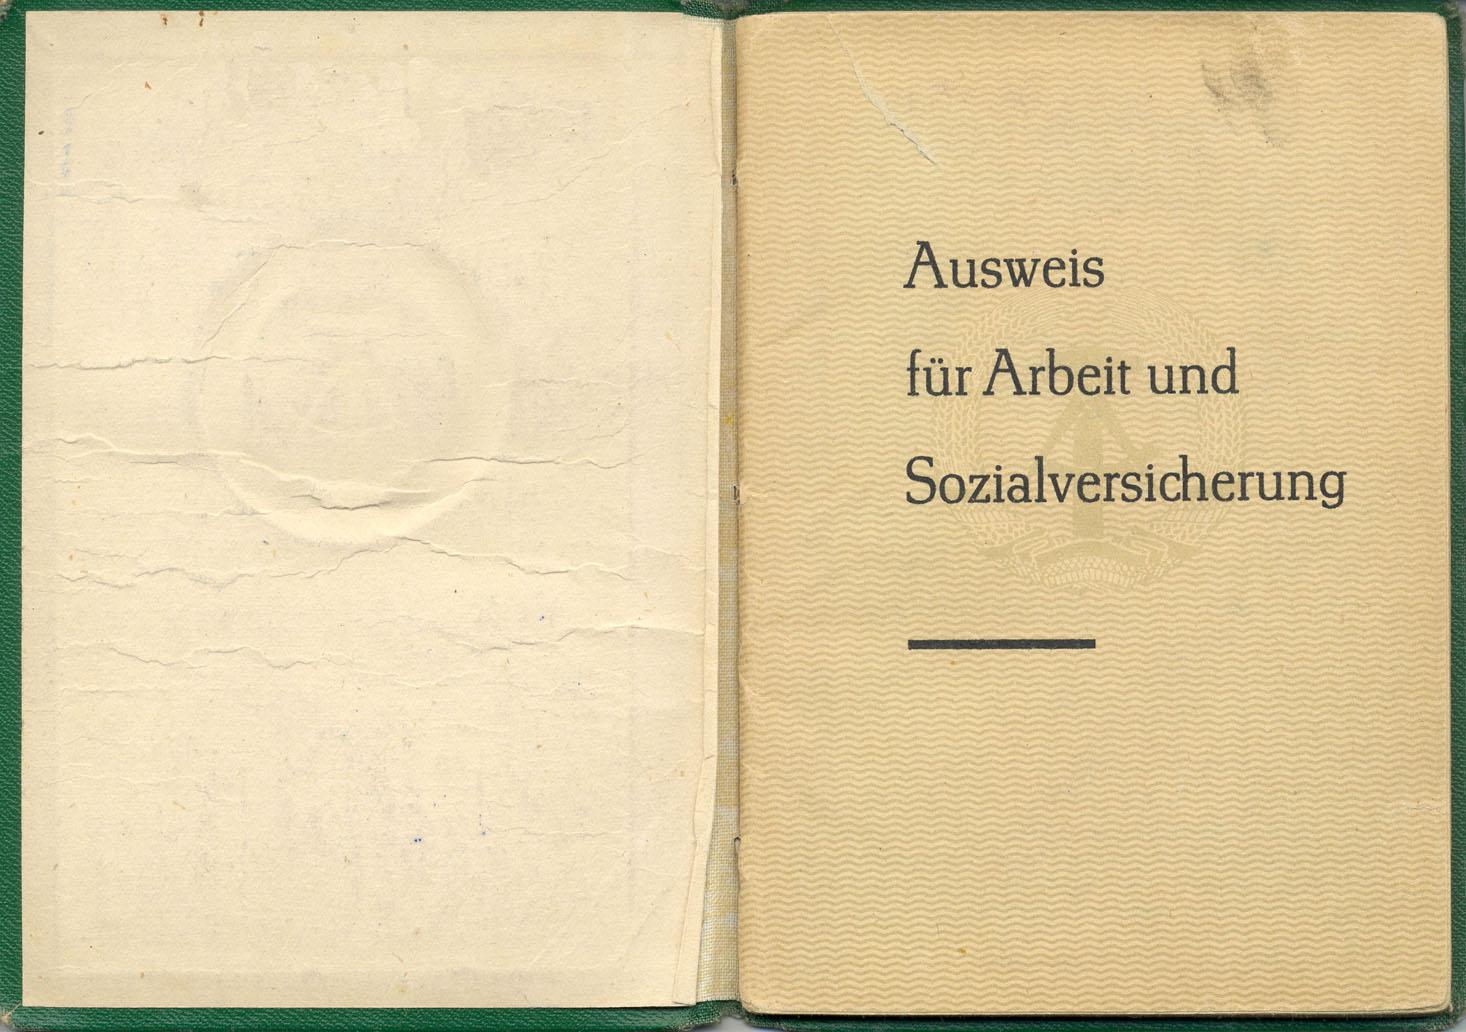 Sozialversicherungsausweis 1966 DDR anonymisiert